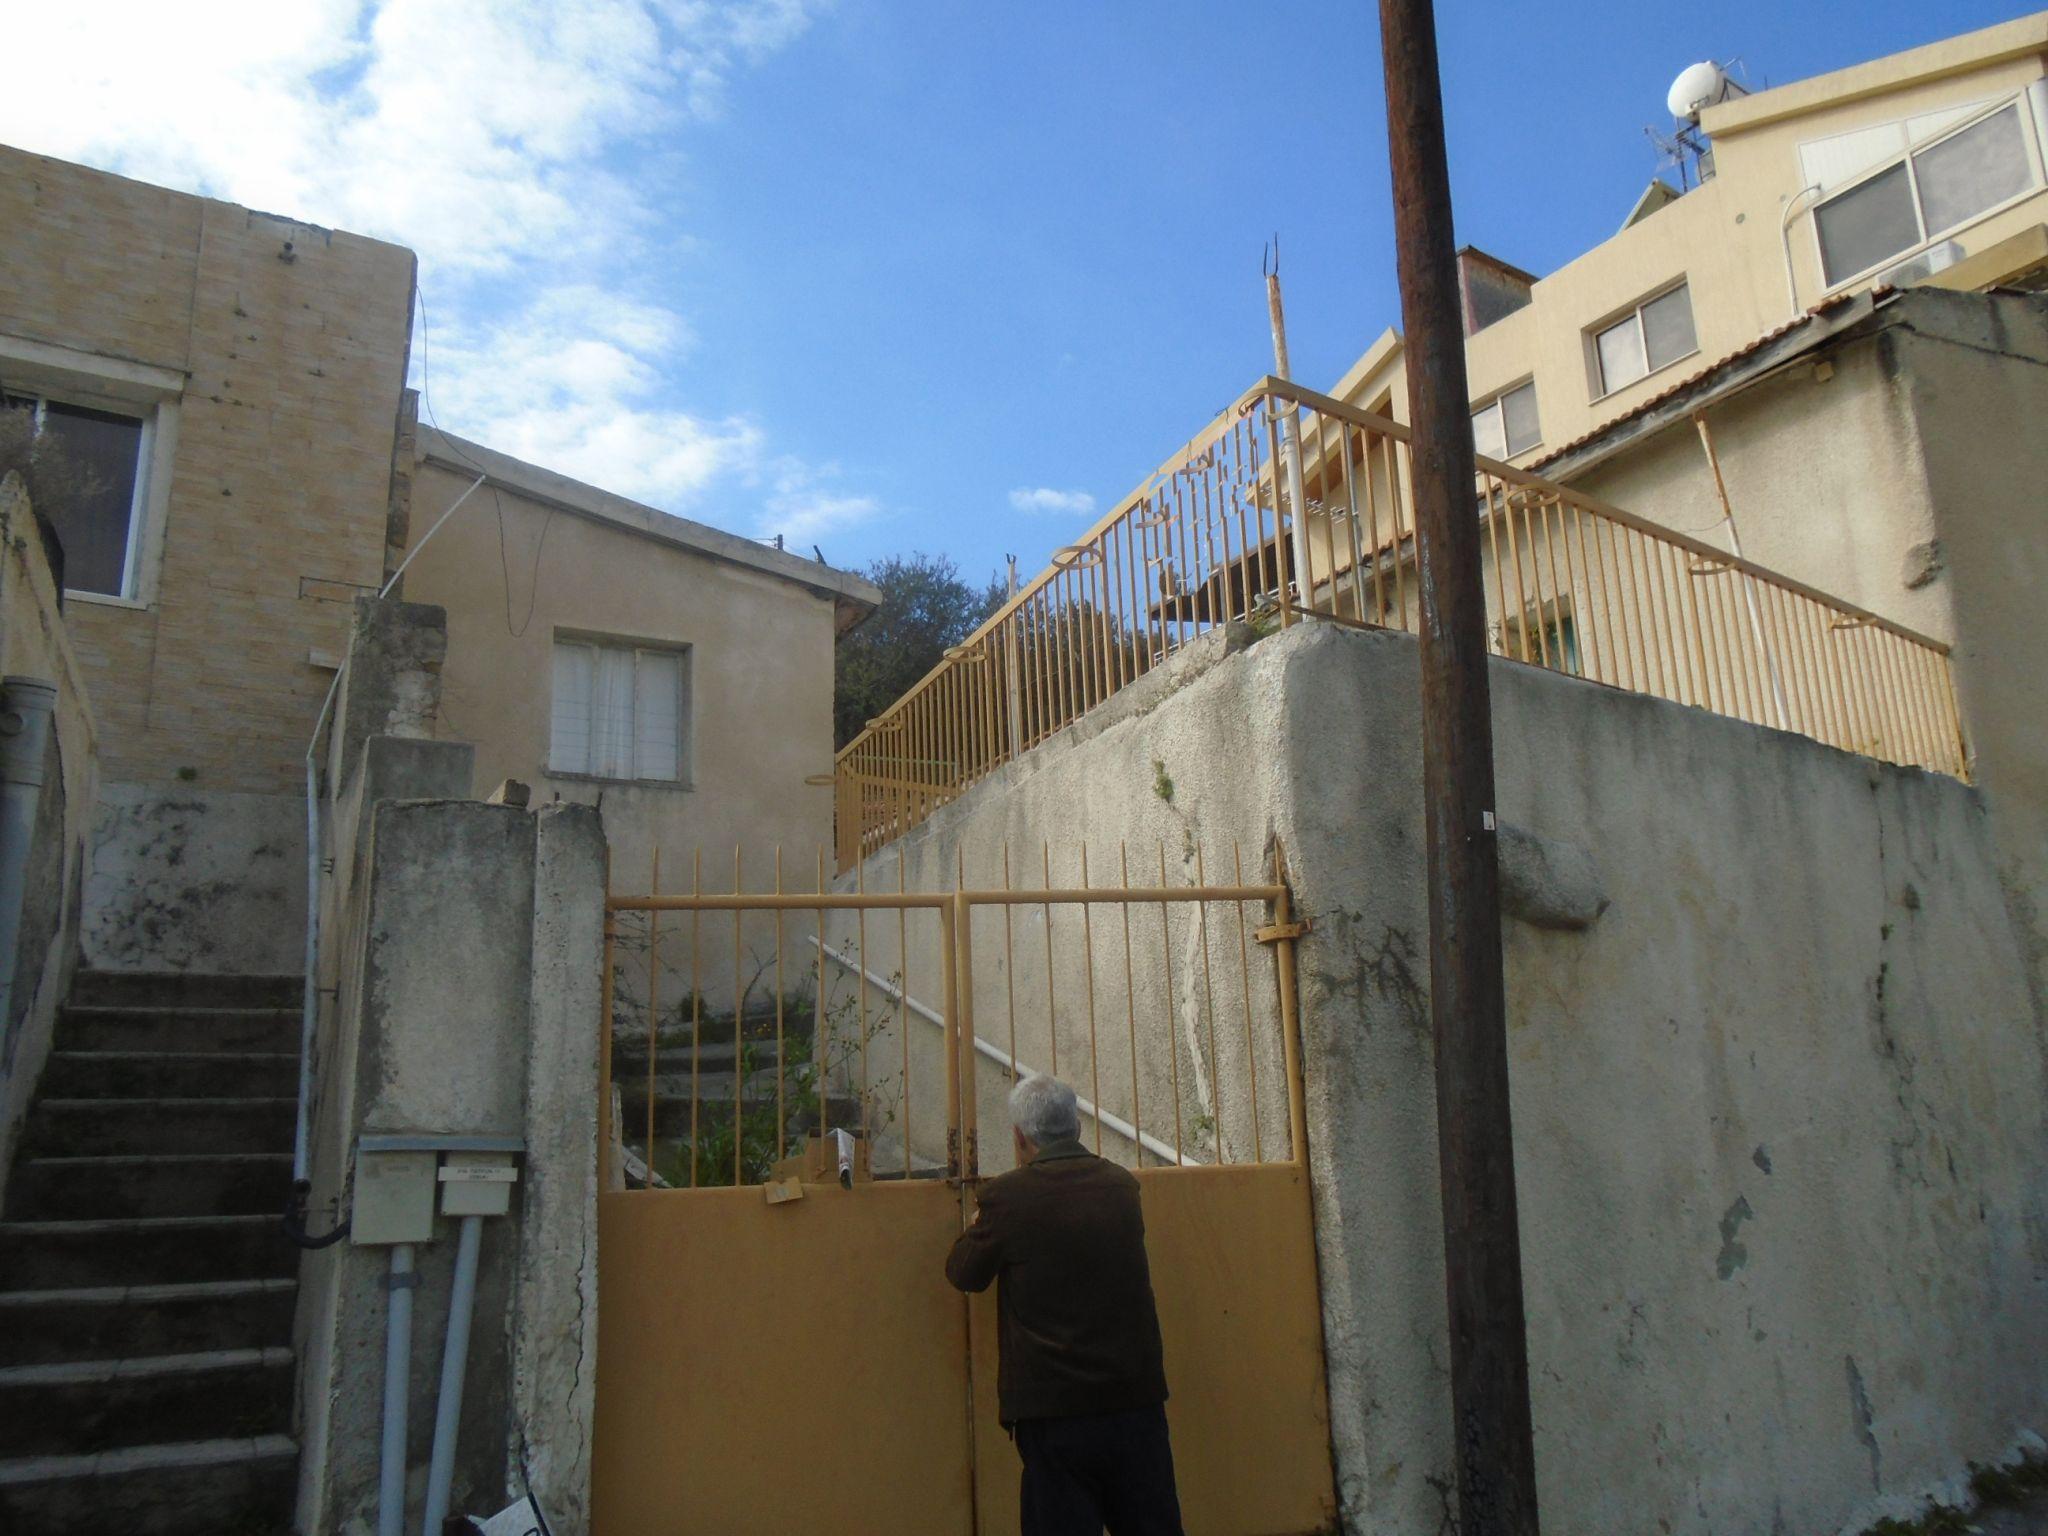 immobilien zum verkauf 3 schlafzimmer villen h user zum verkauf in germasogeia limassol zypern. Black Bedroom Furniture Sets. Home Design Ideas